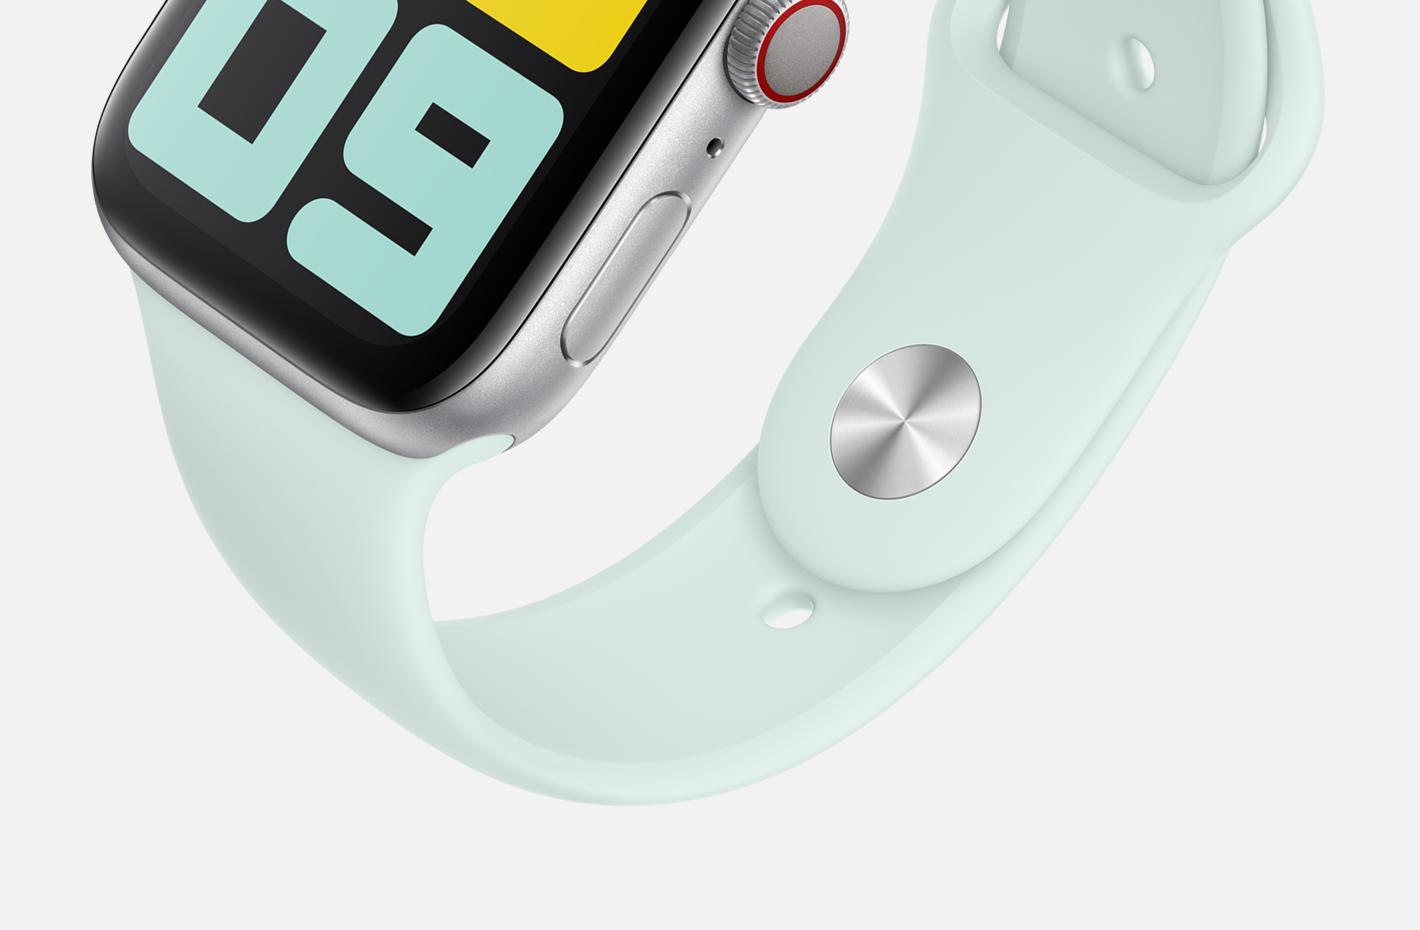 Nowy tani Apple Watch ma zadebiutowaćjuż w przyszłym tygodniu